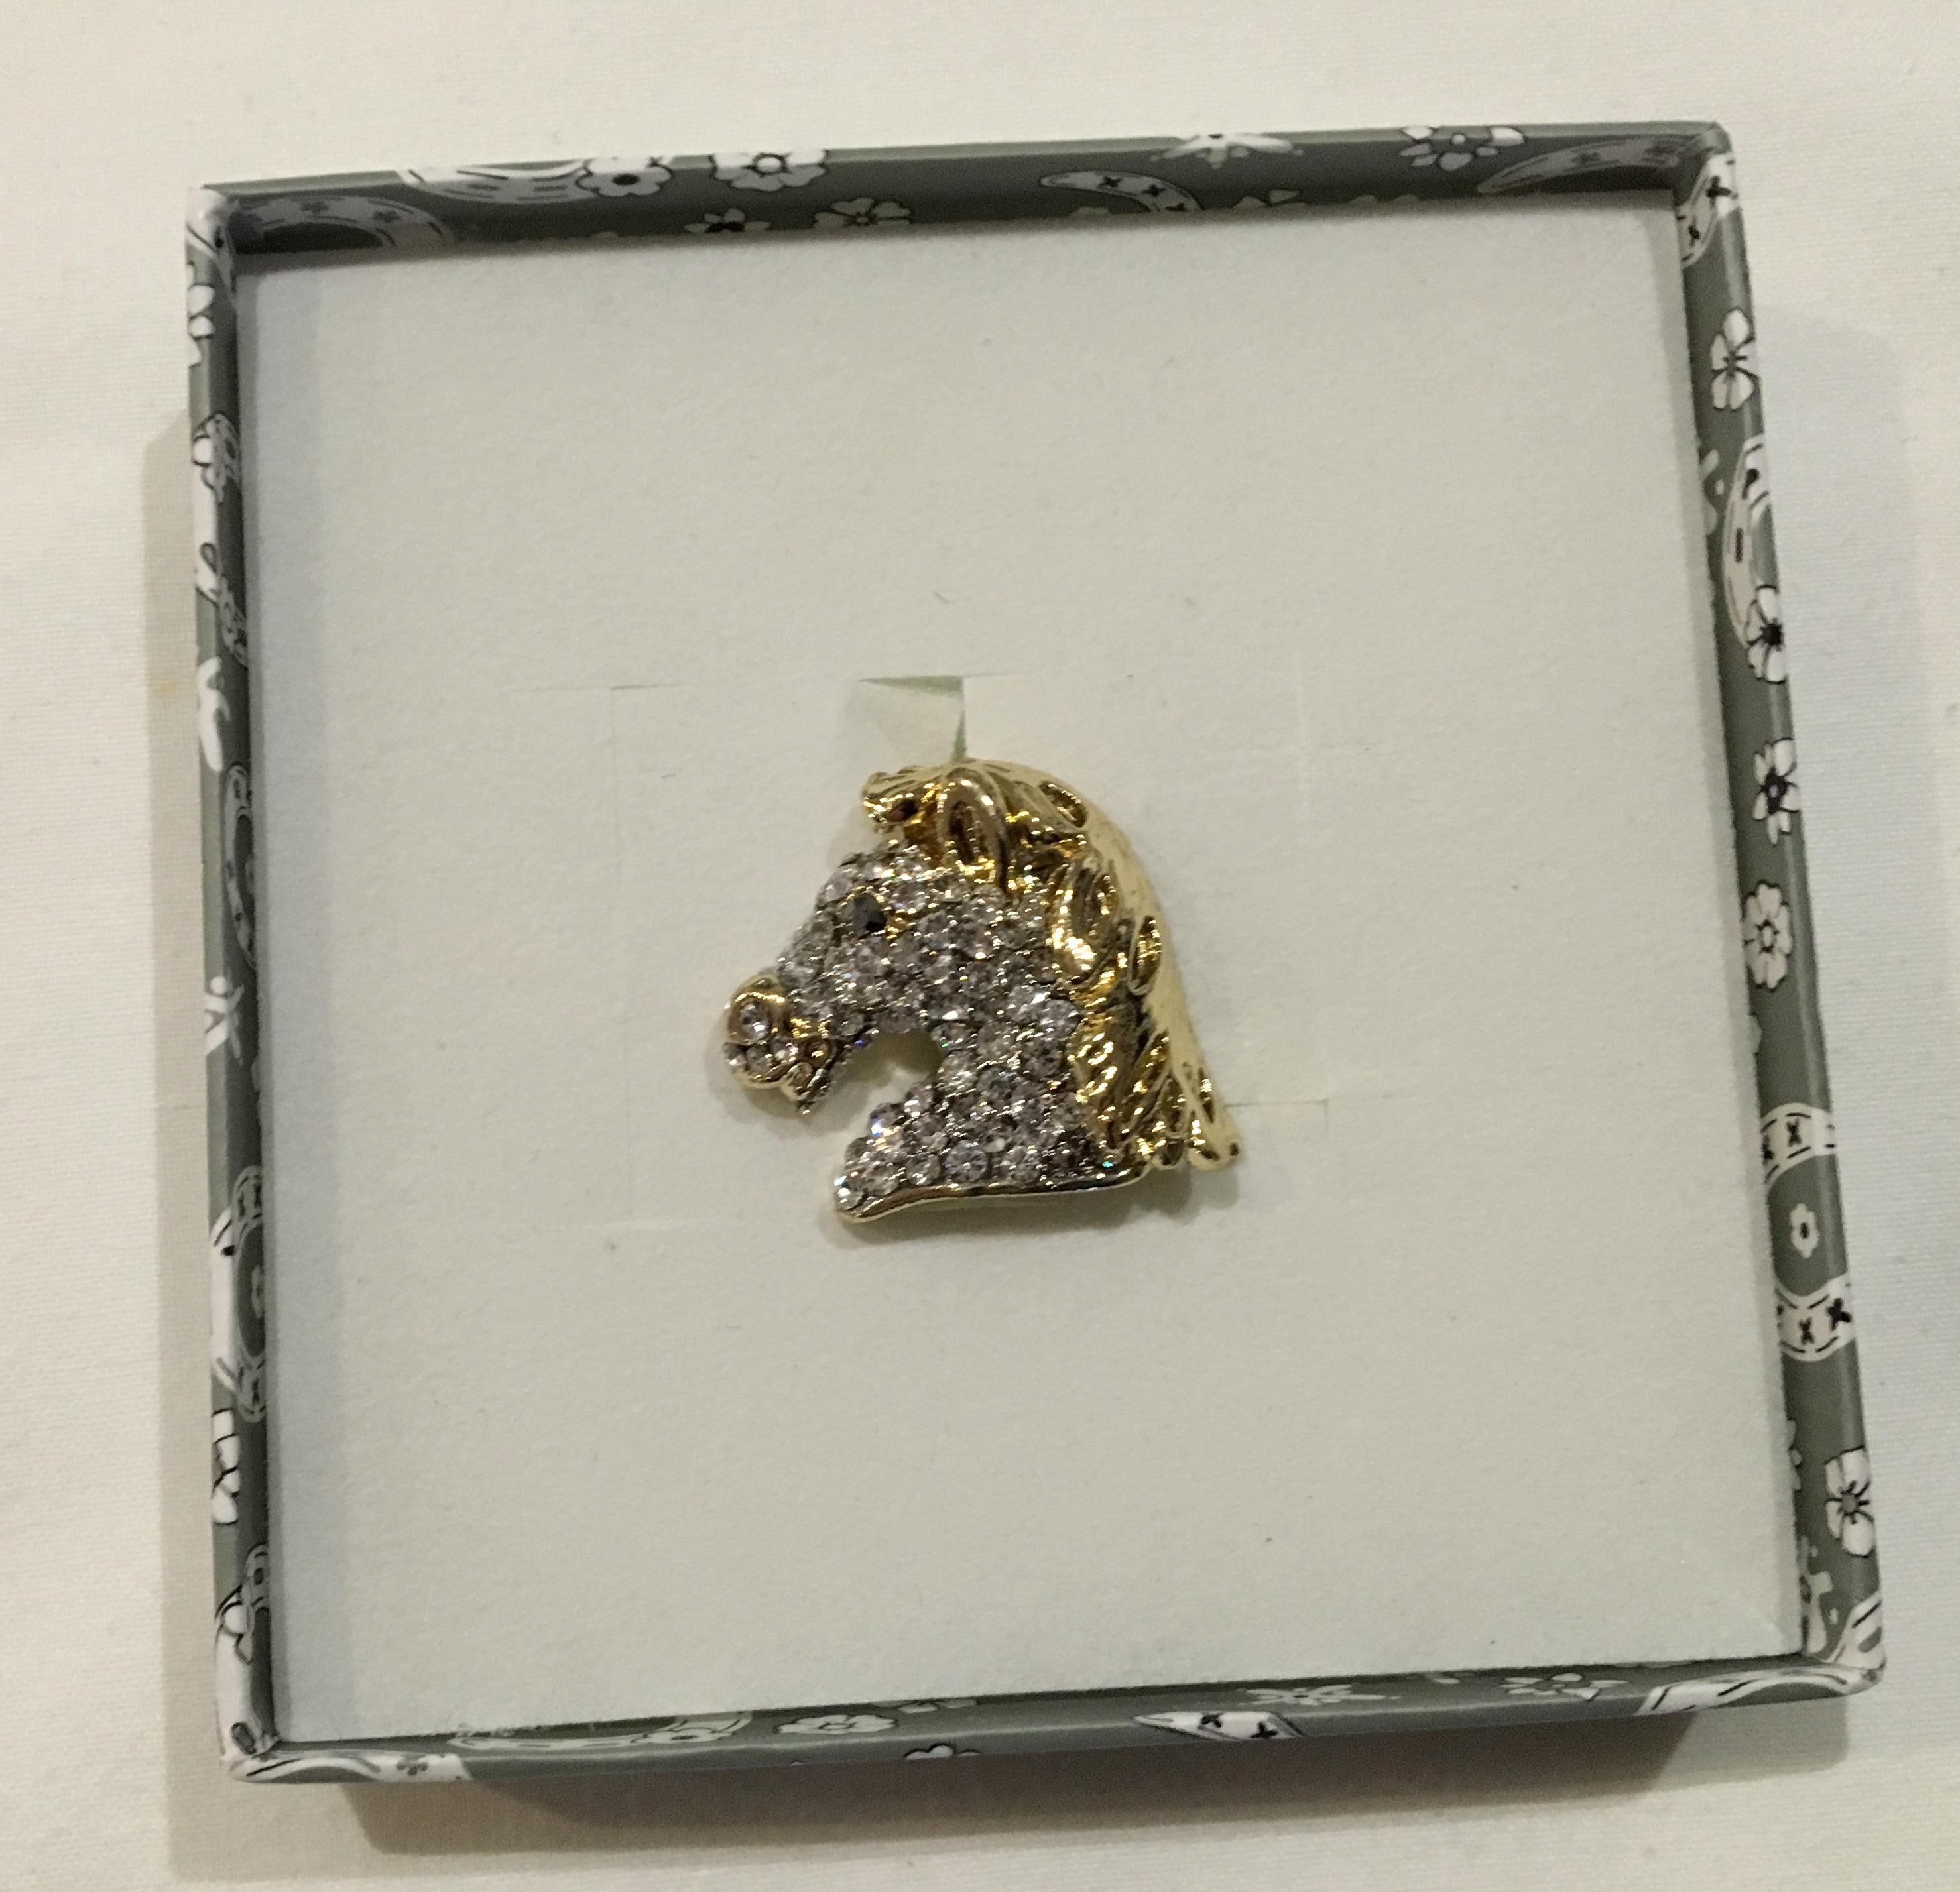 Horsehead Brooch